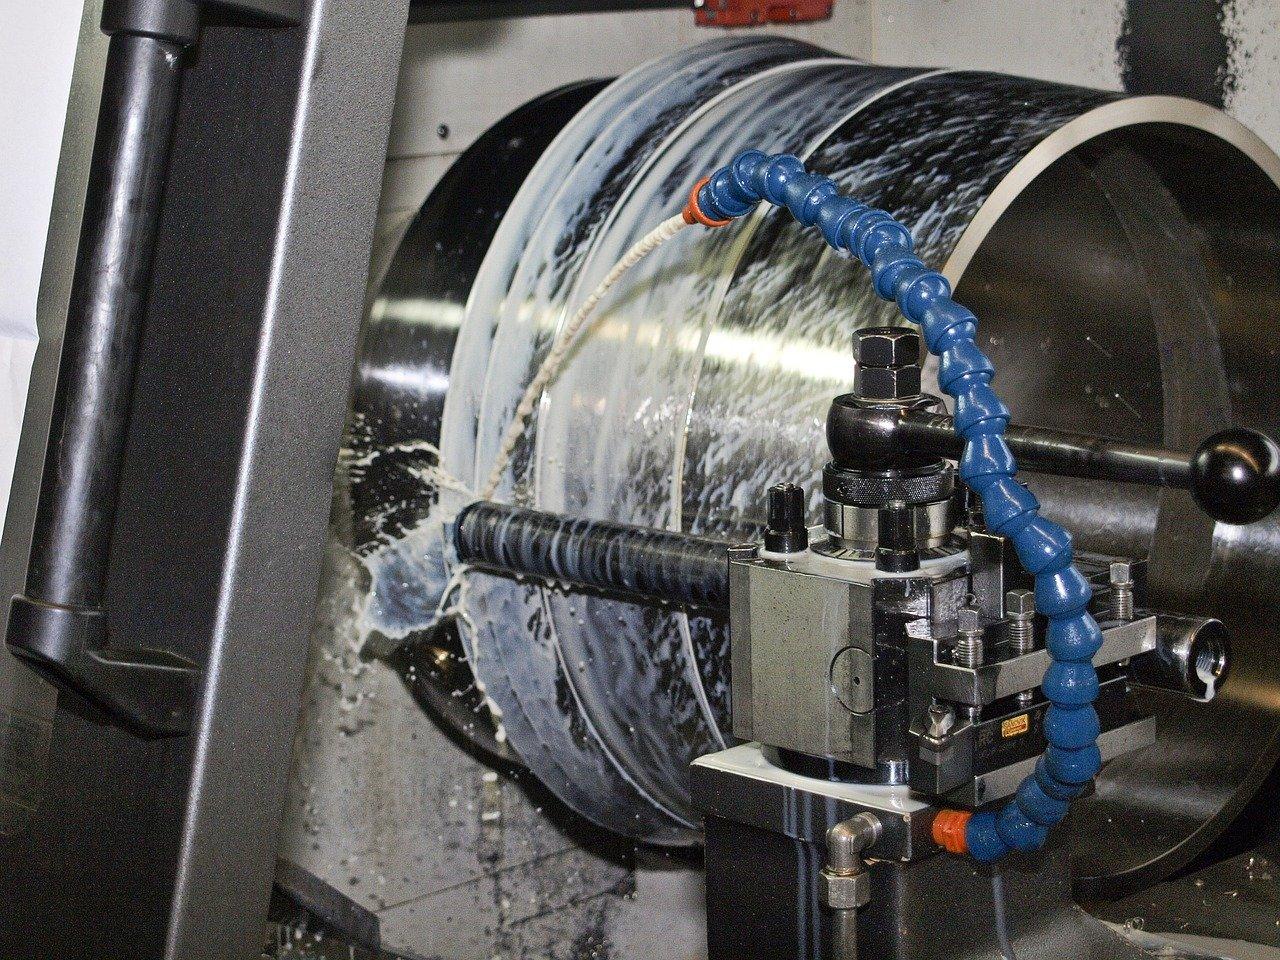 Frezowanie na maszynie CNC, bloku aluminium frezem palcowym